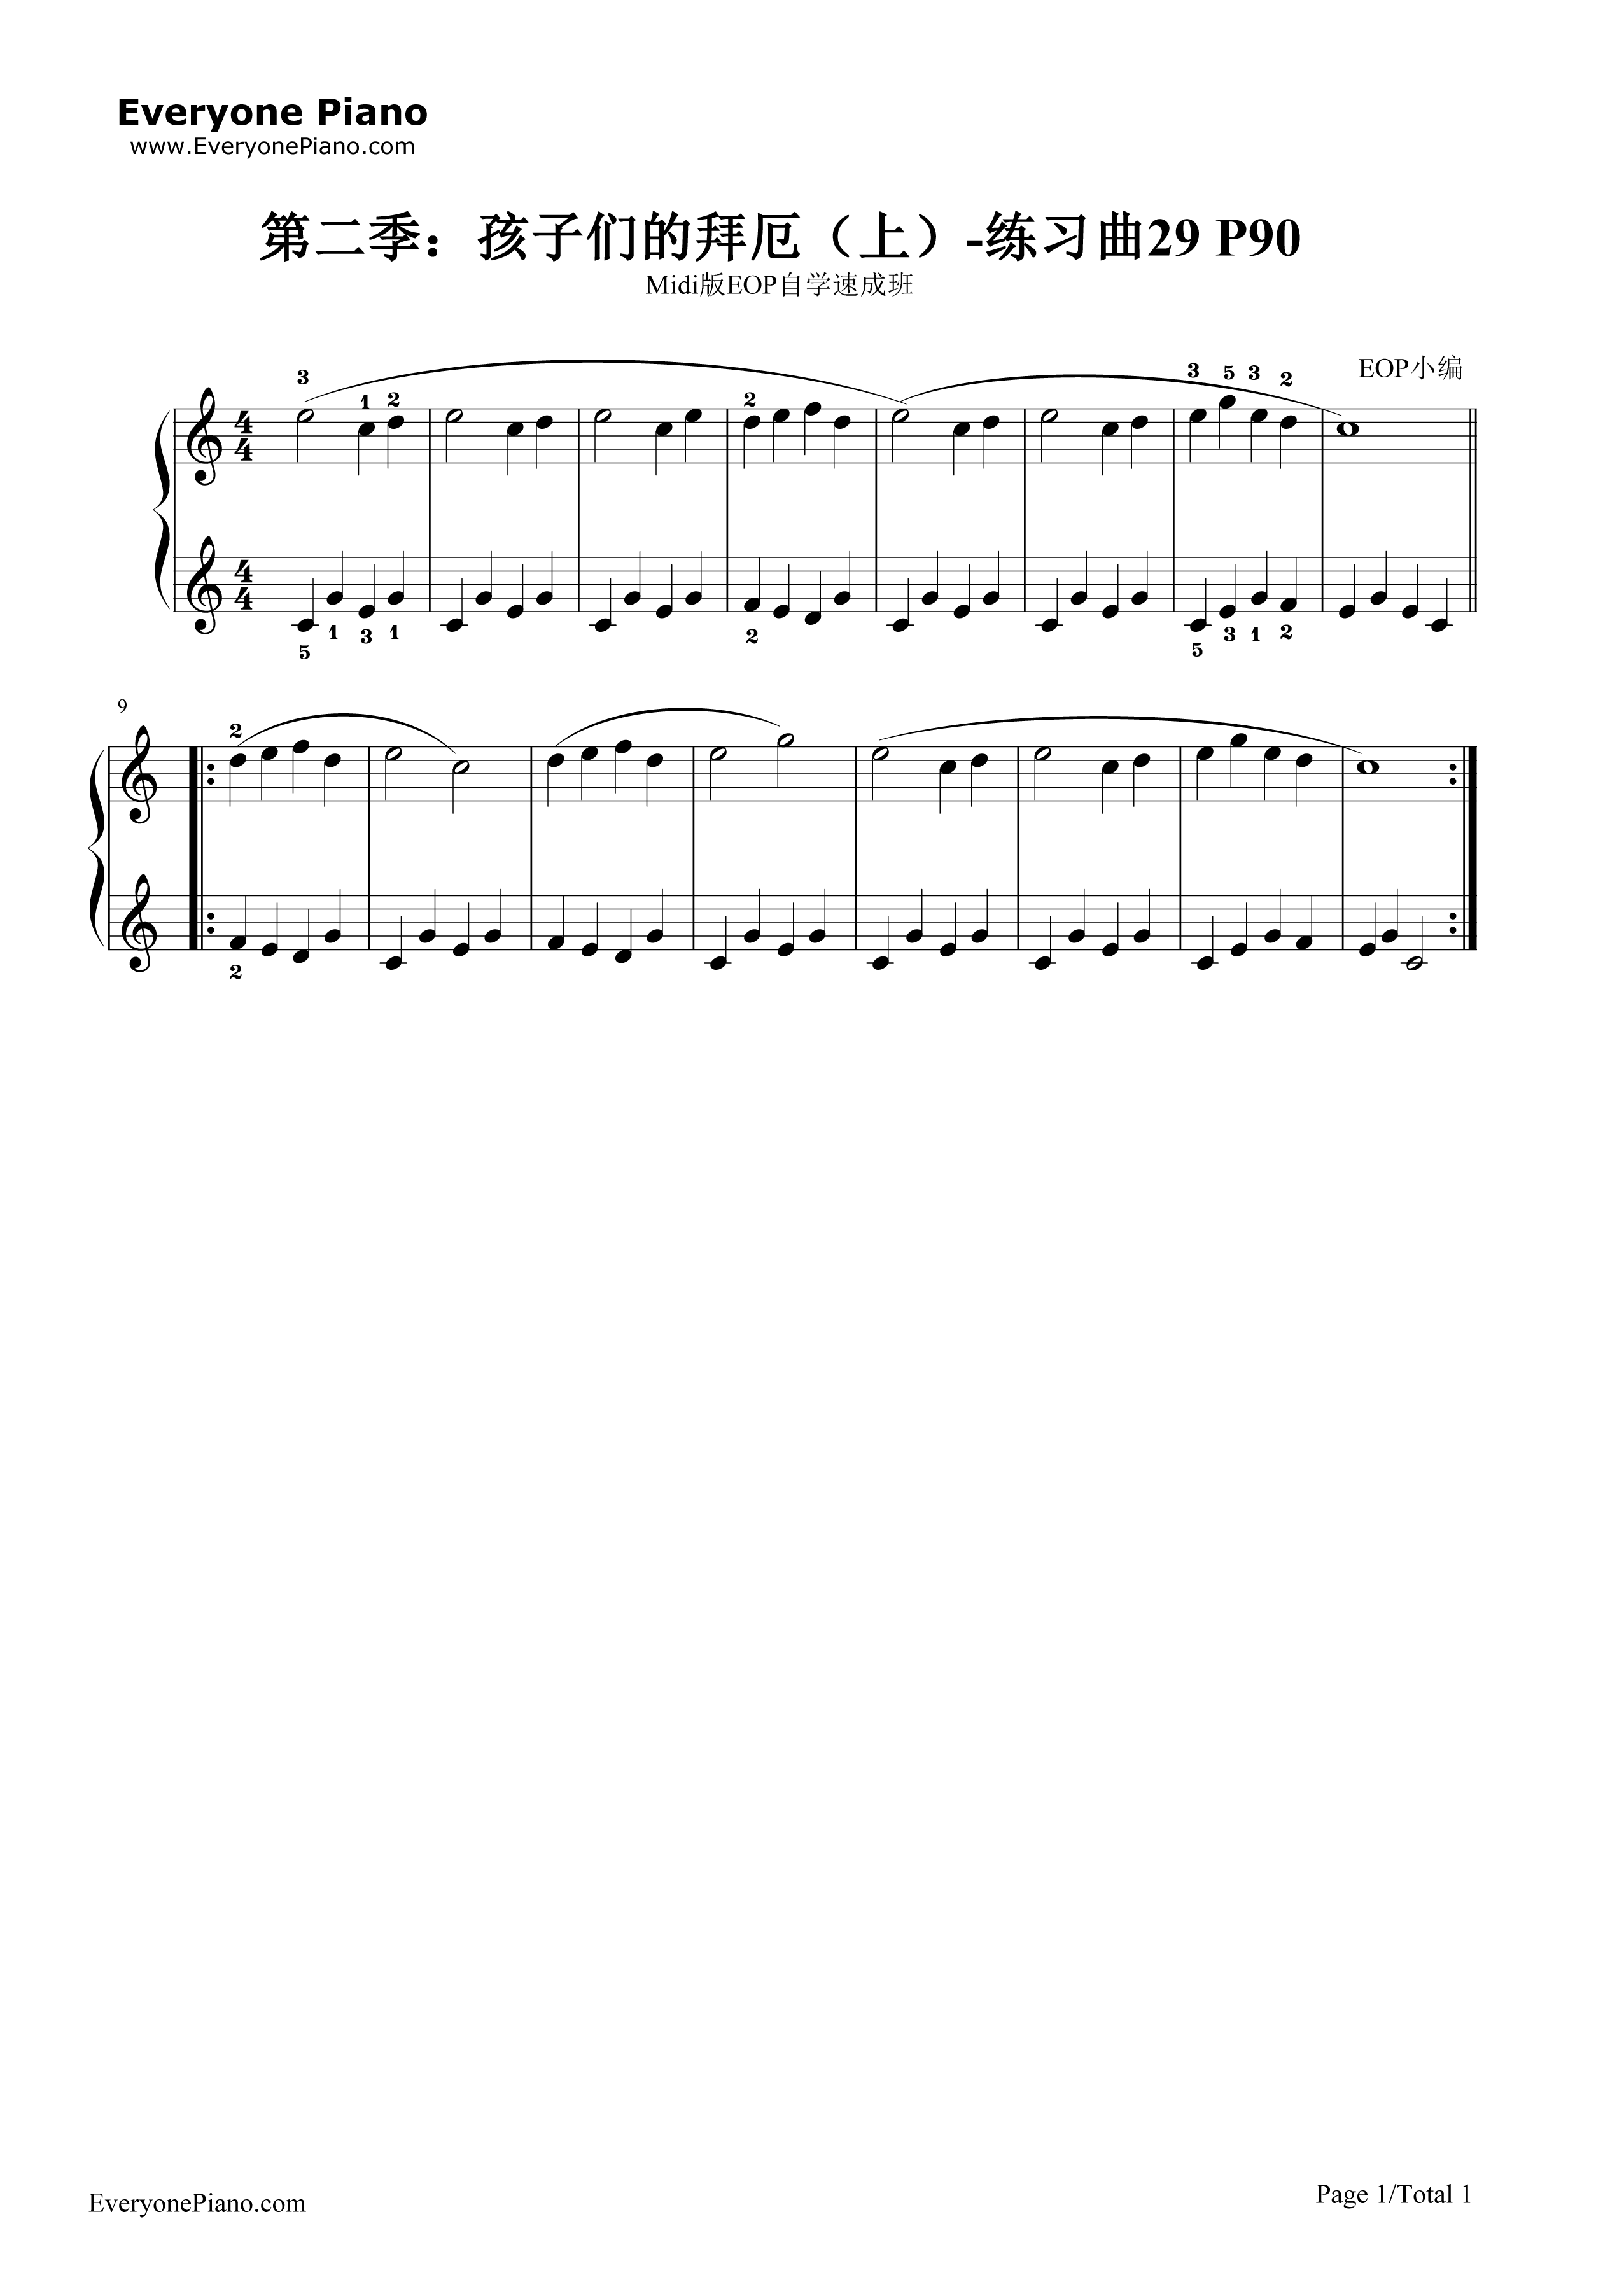 钢琴曲谱 练习曲 练习曲29-midi版eop自学速成班第二季:孩子们的拜厄